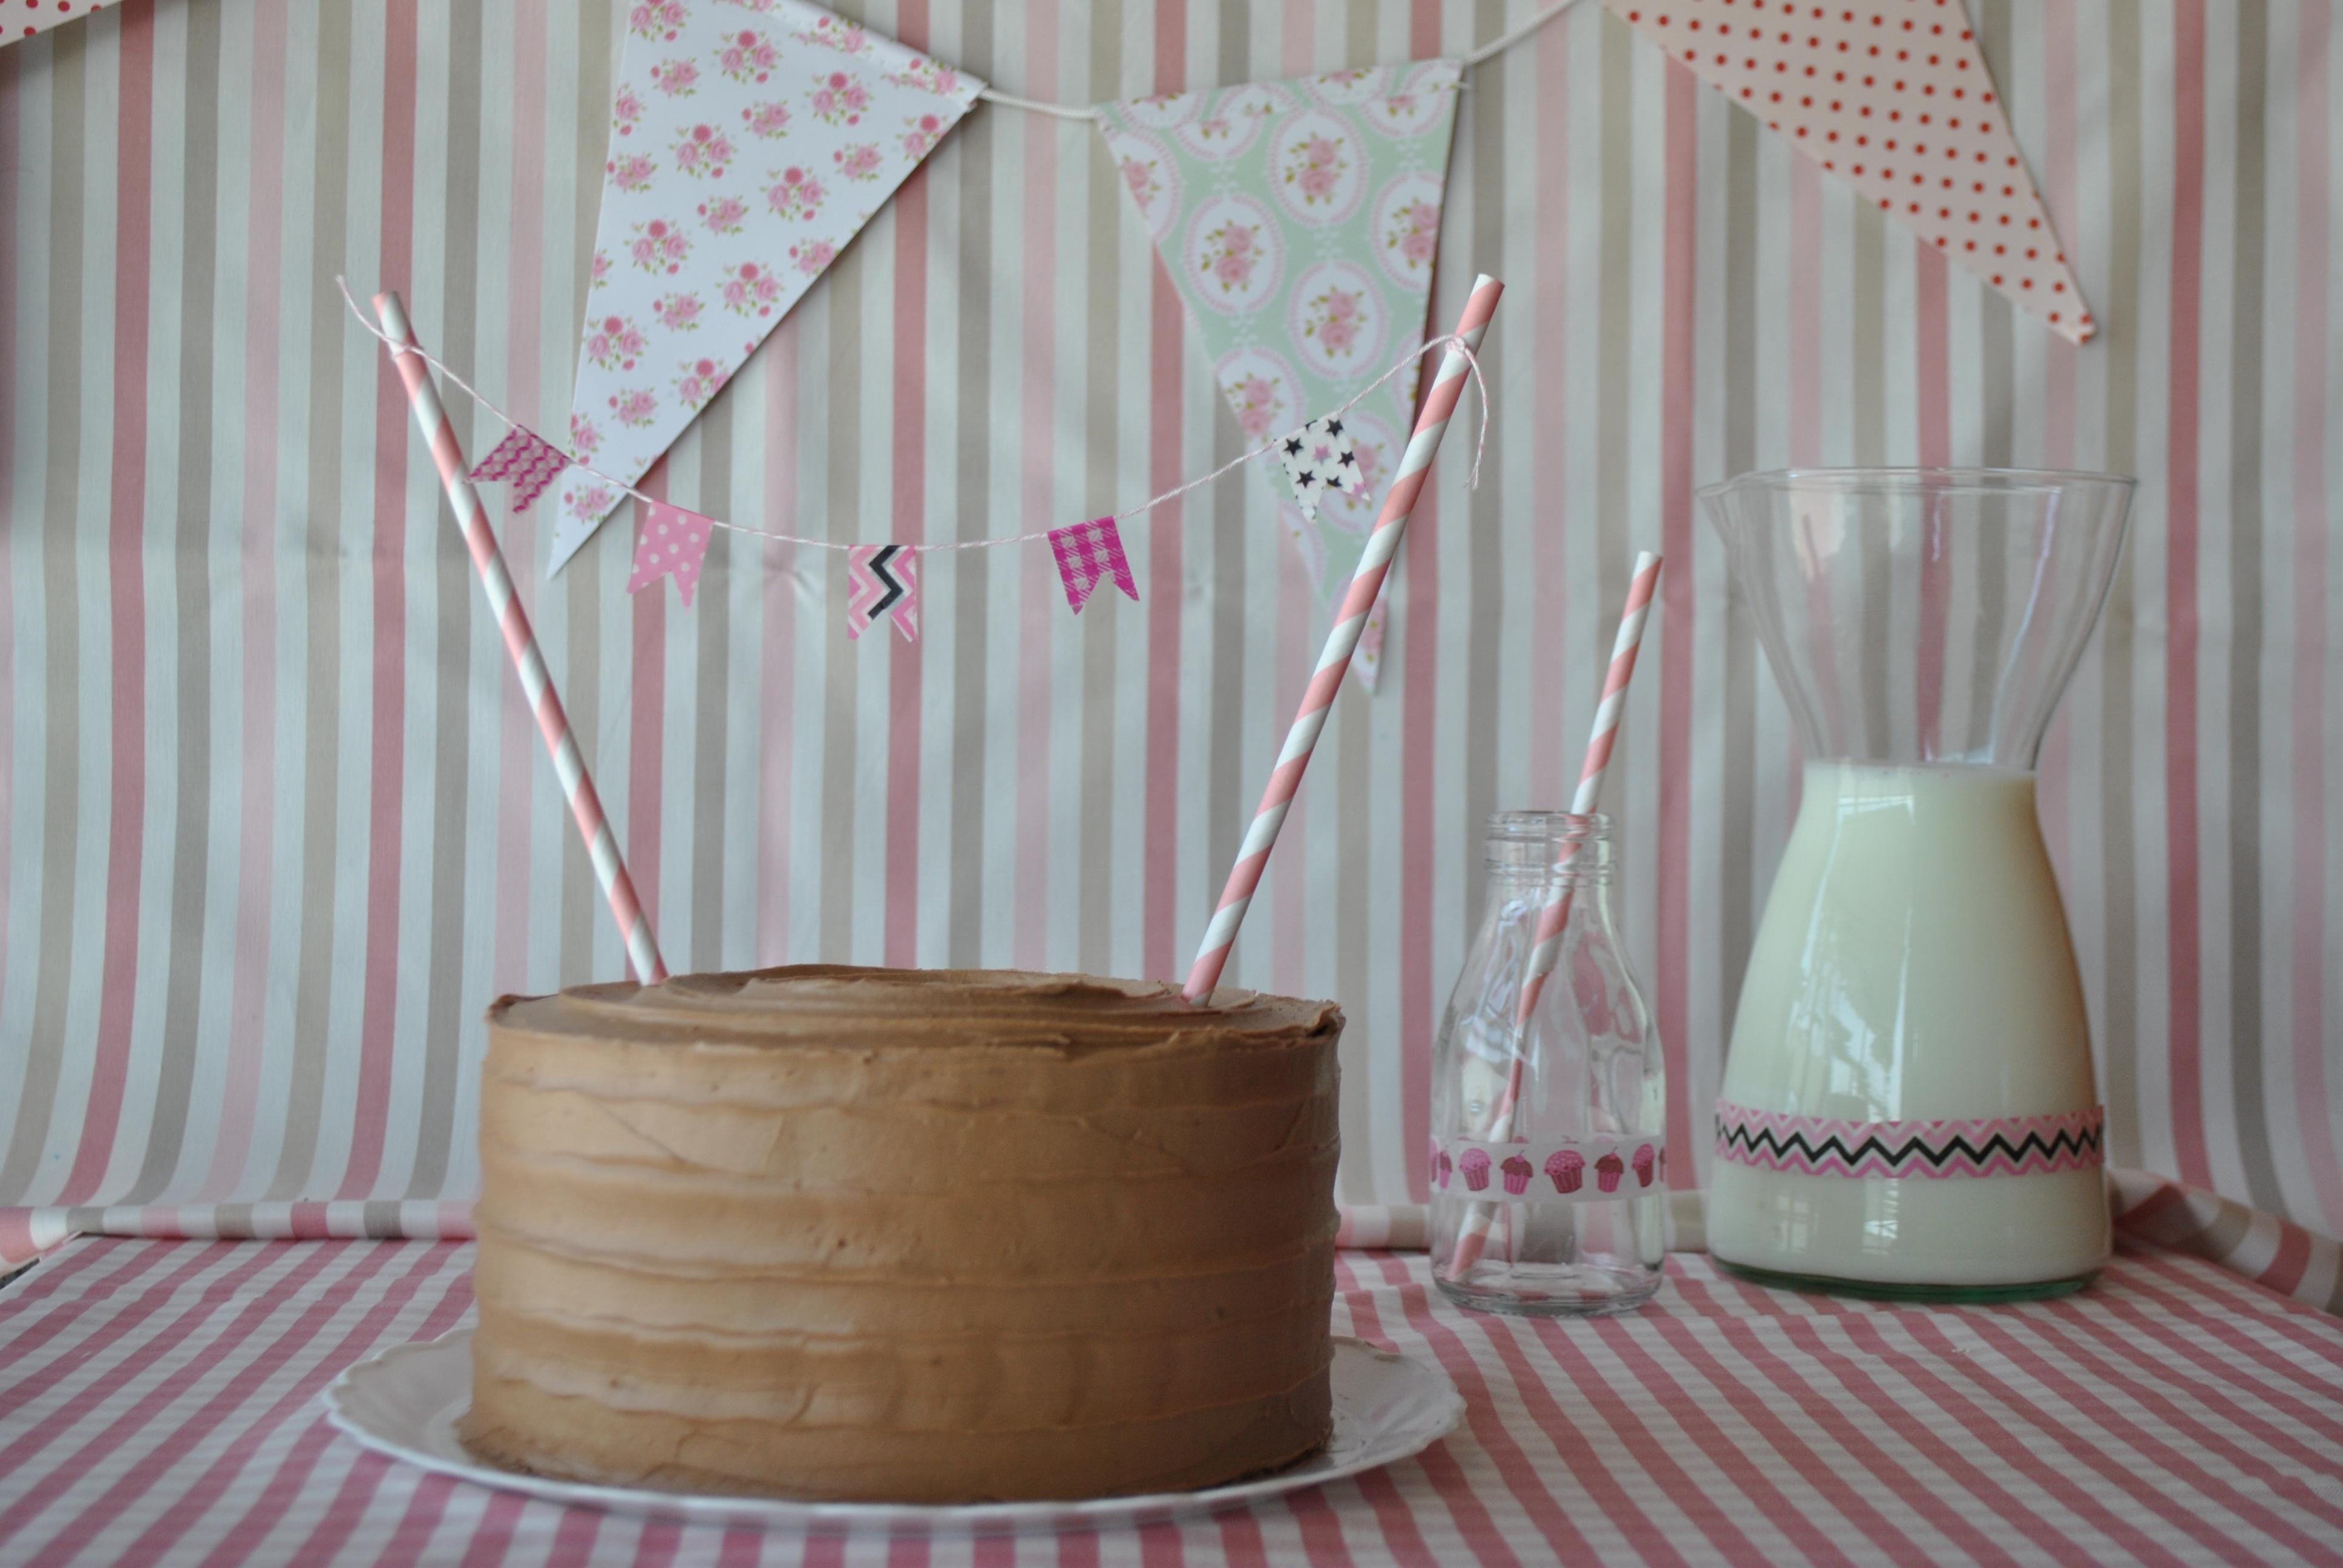 Nutella cake cupcake alicia bakes for you - Tarta red velvet alma obregon ...